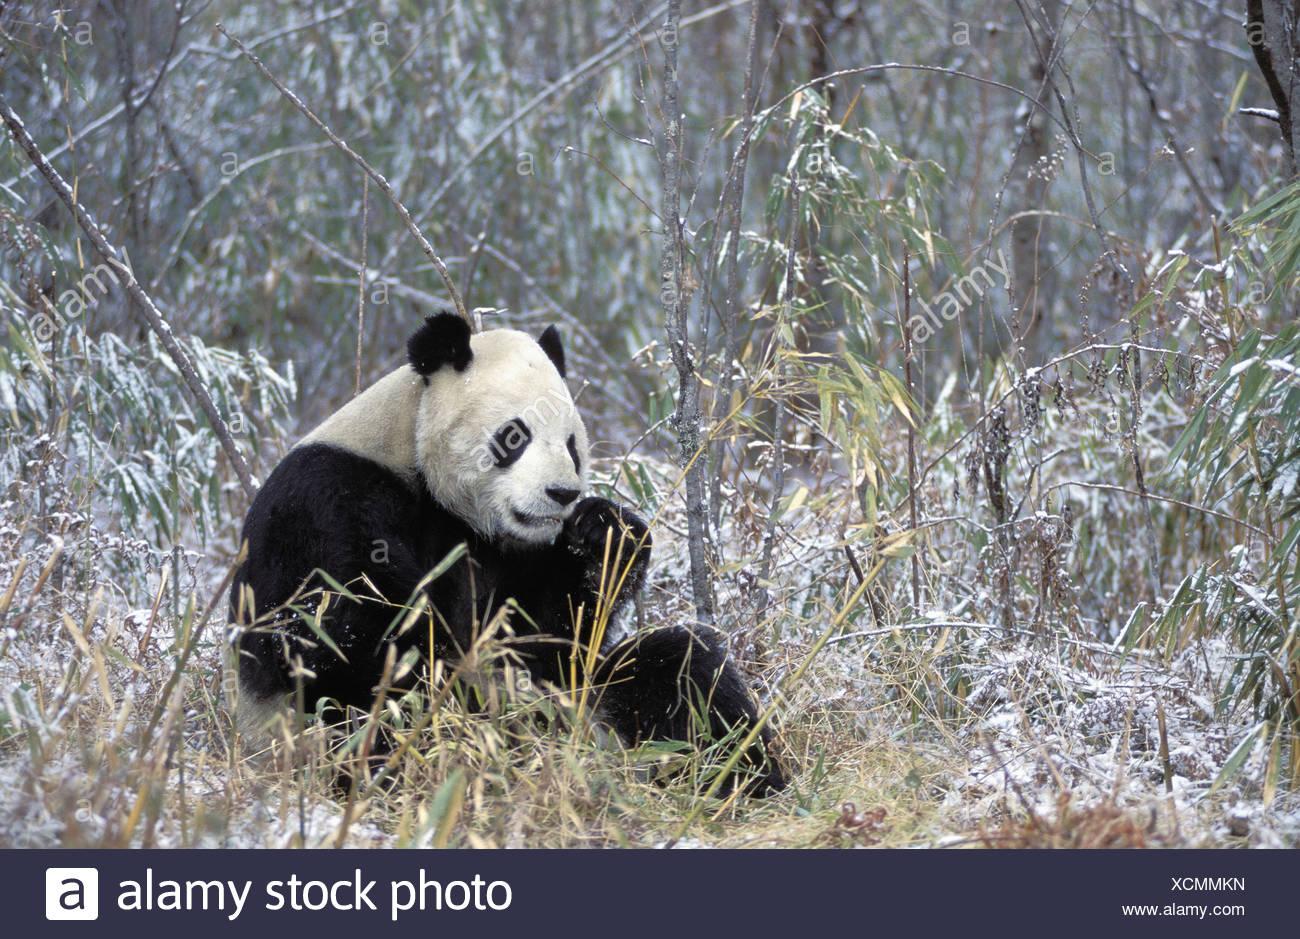 Zoology Animals Ursidae Giant Panda Ailuropoda Melanoleuca